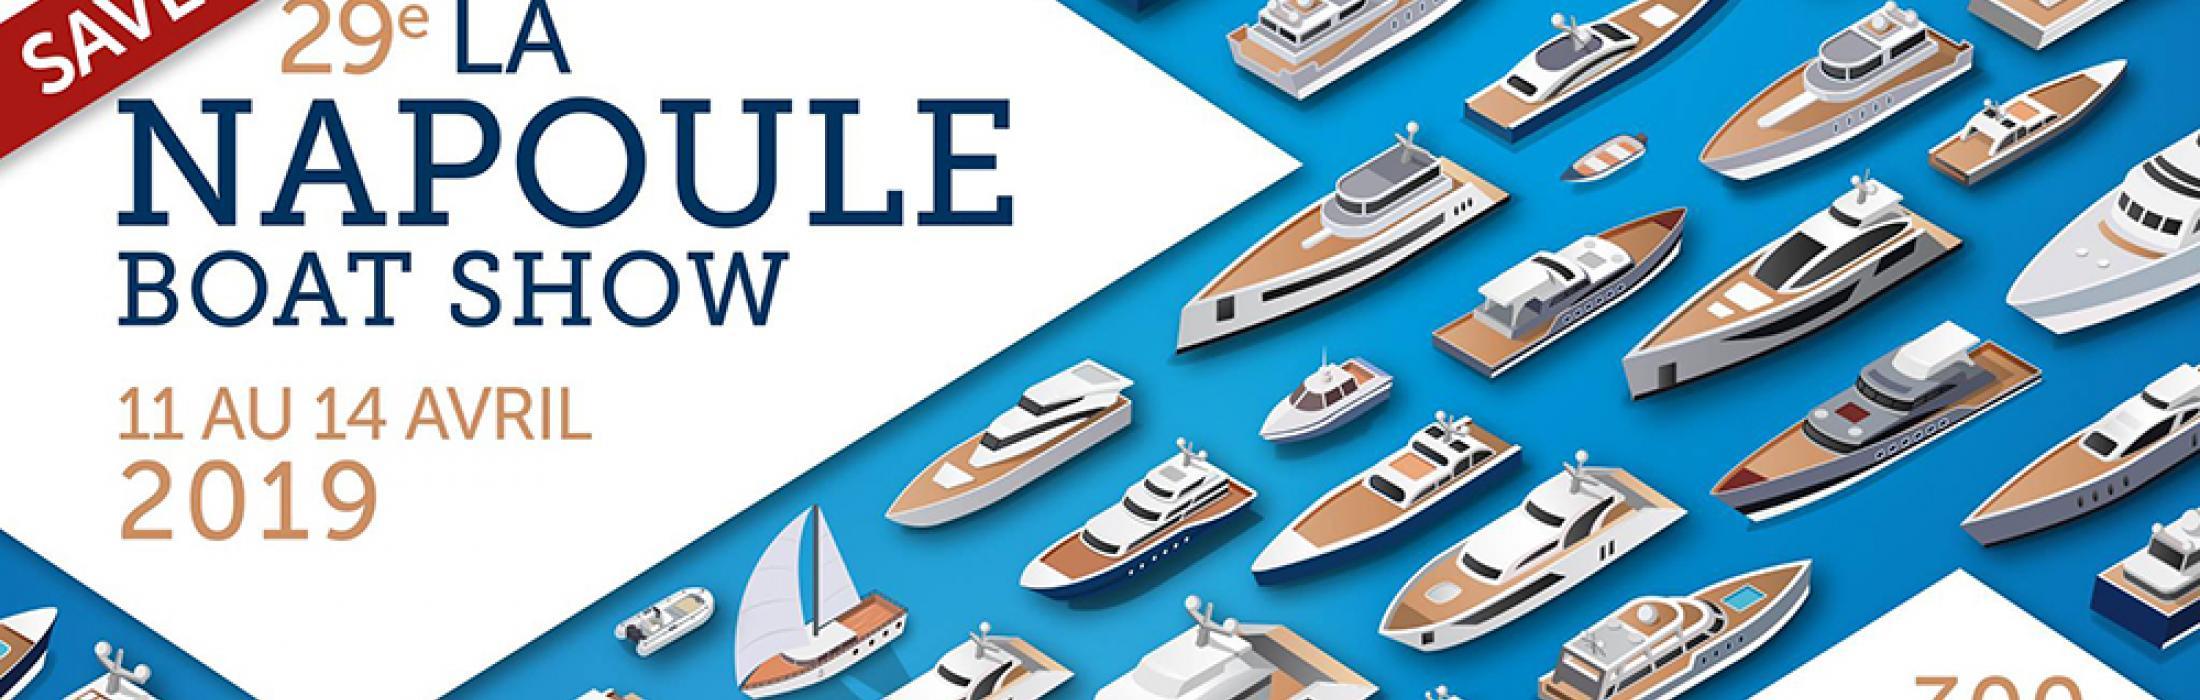 La Napoule Boat Show 2019 : salon du bateau neuf et d'occasion du 11 au 14 avril